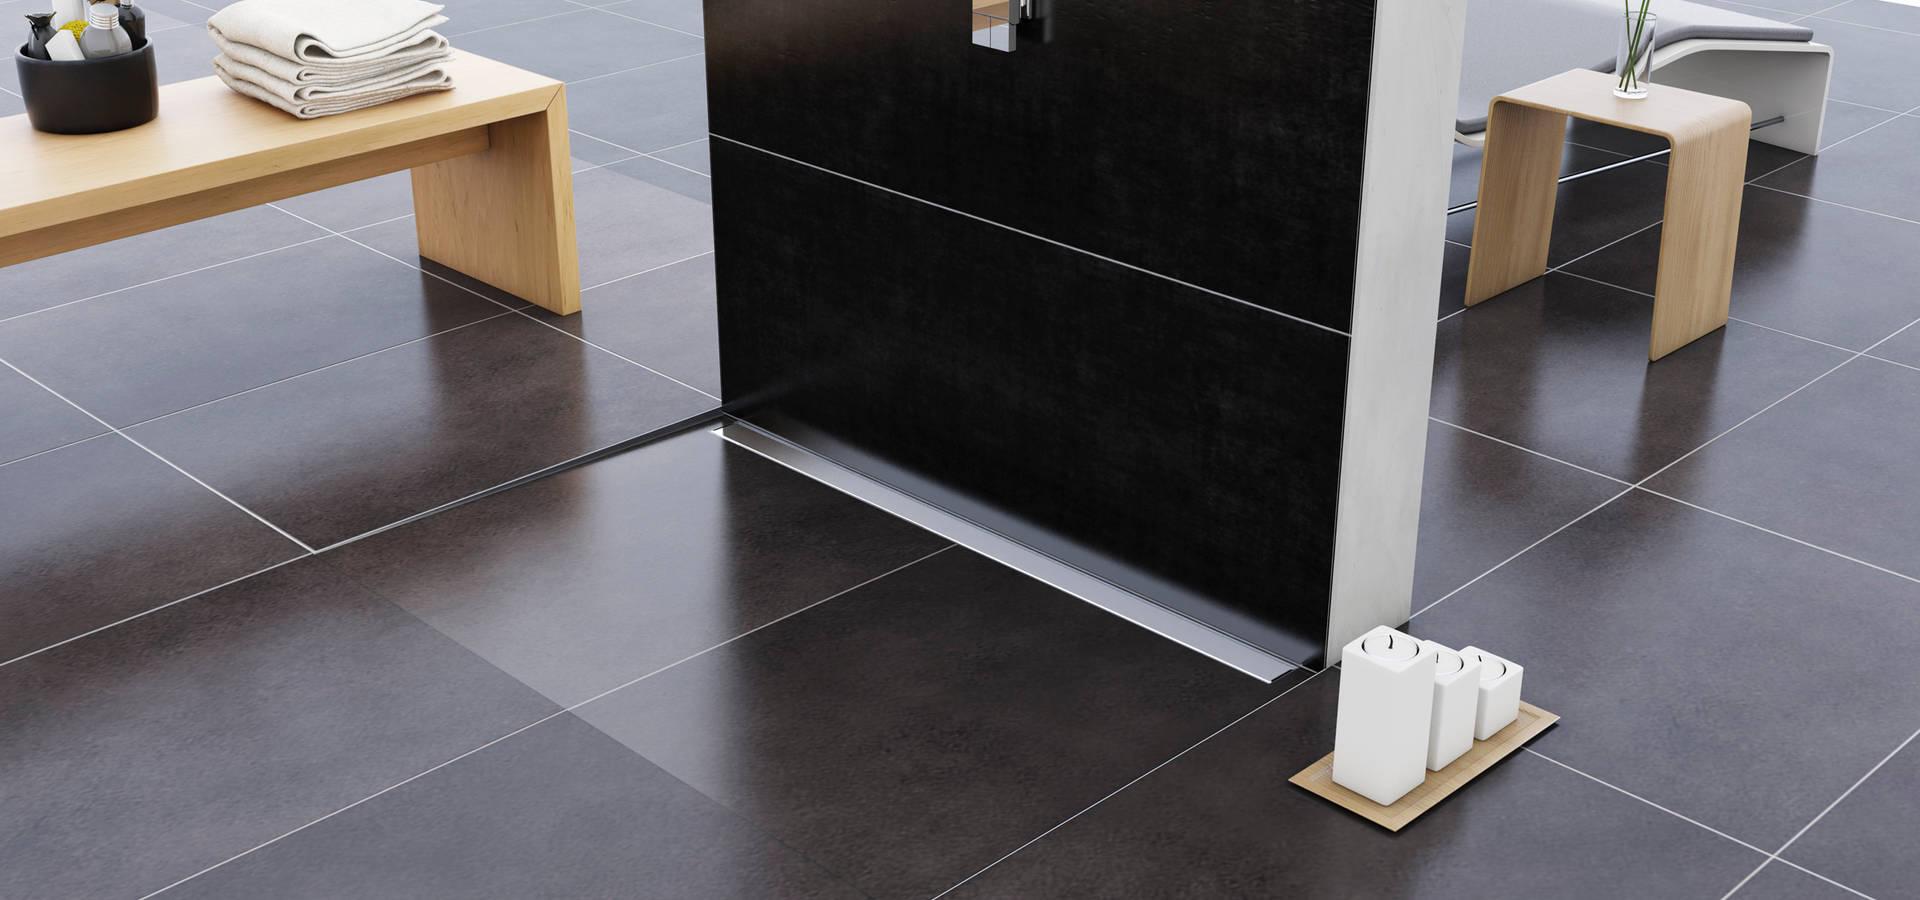 Glass profile i profili in acciaio inox per box doccia by - Profili piastrelle bagno ...